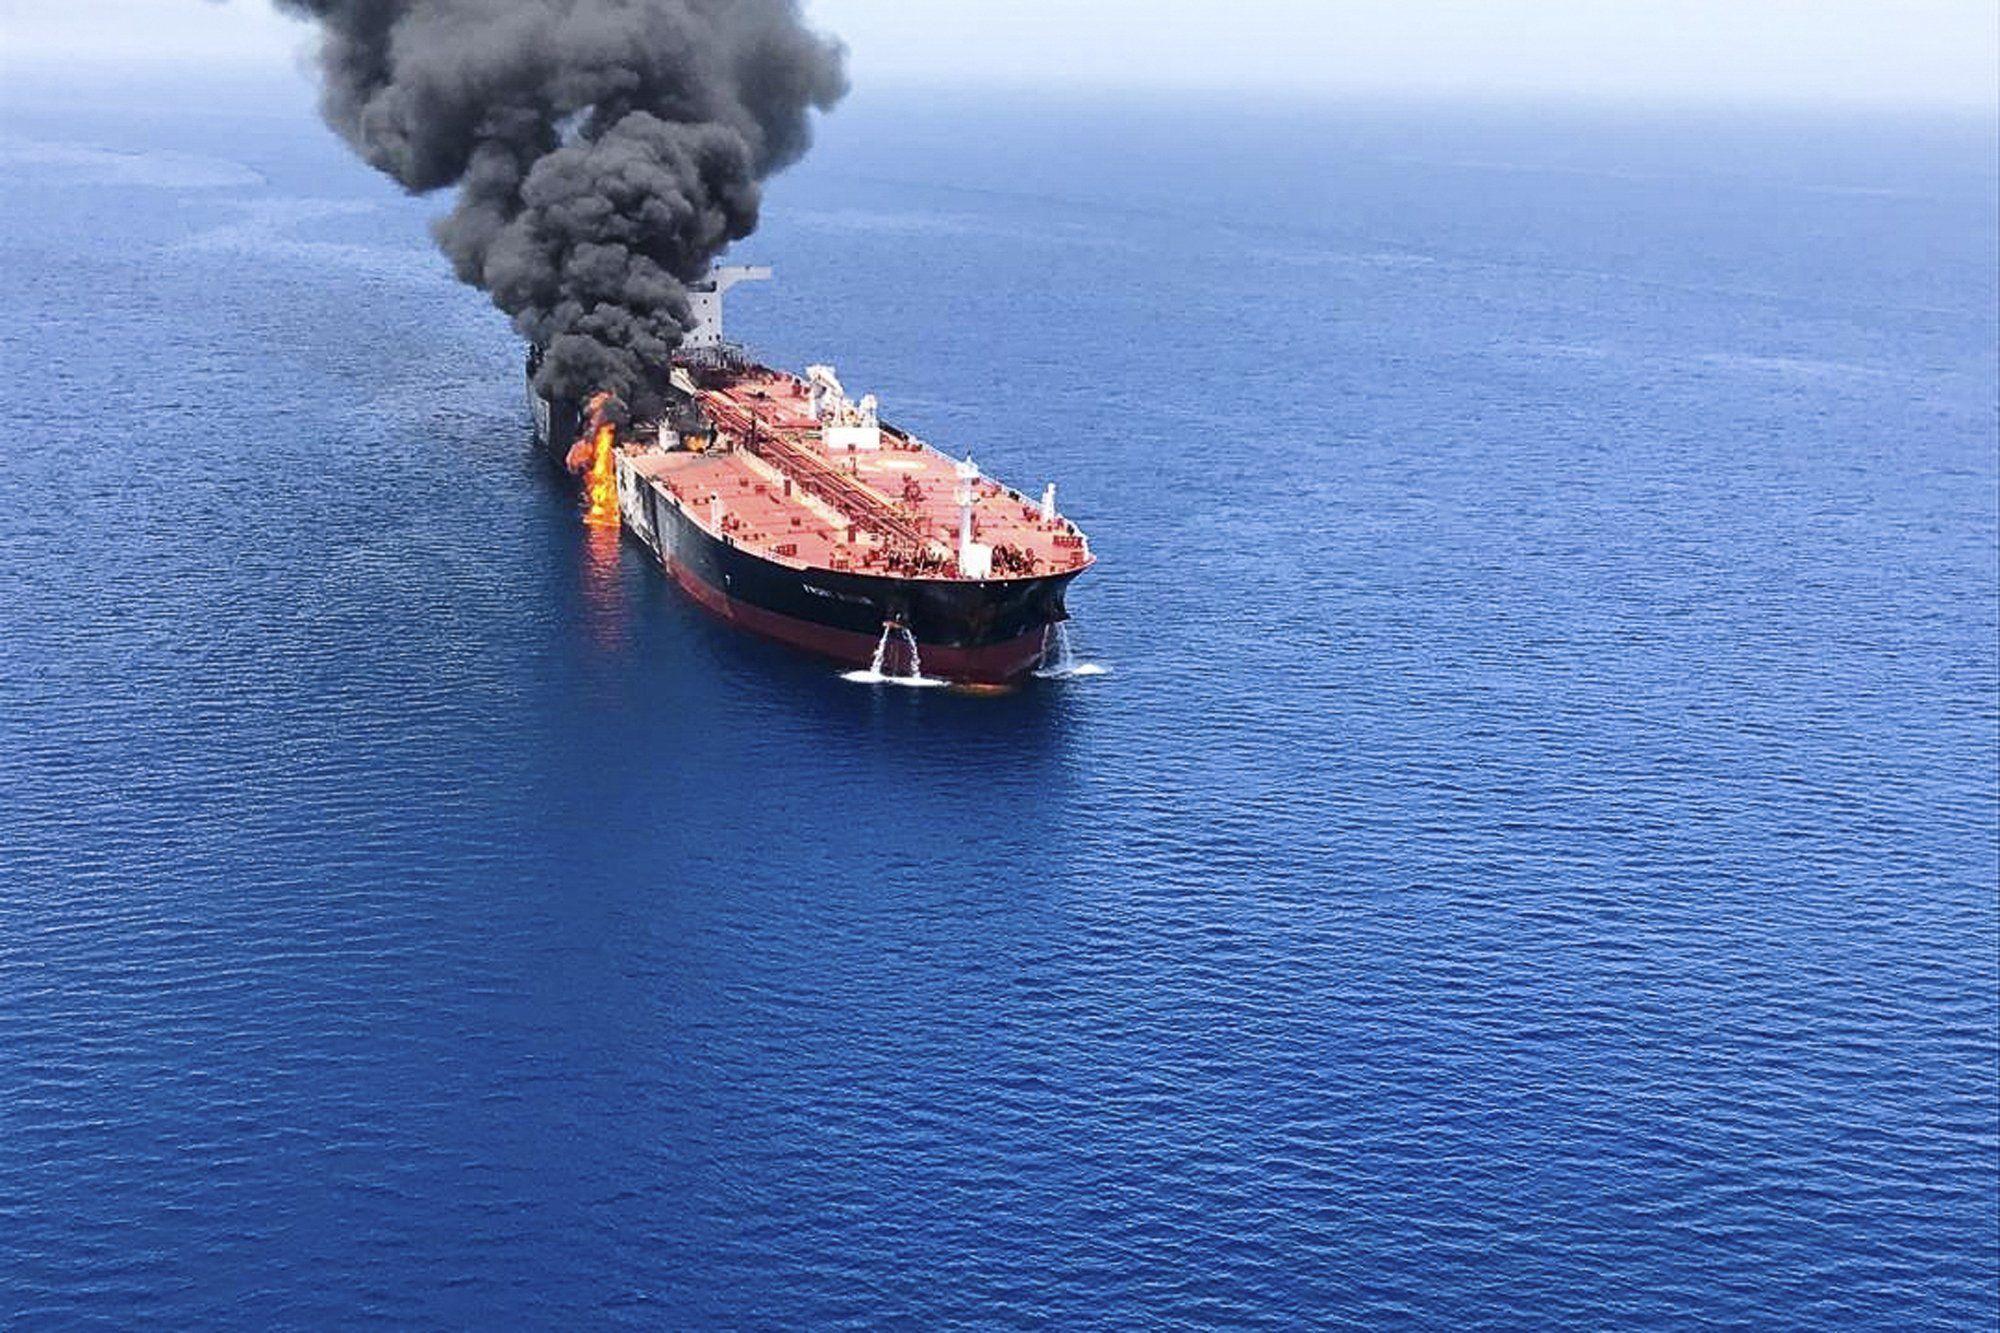 El ataque se produjo ayer a 14 millas de la costa de Irán